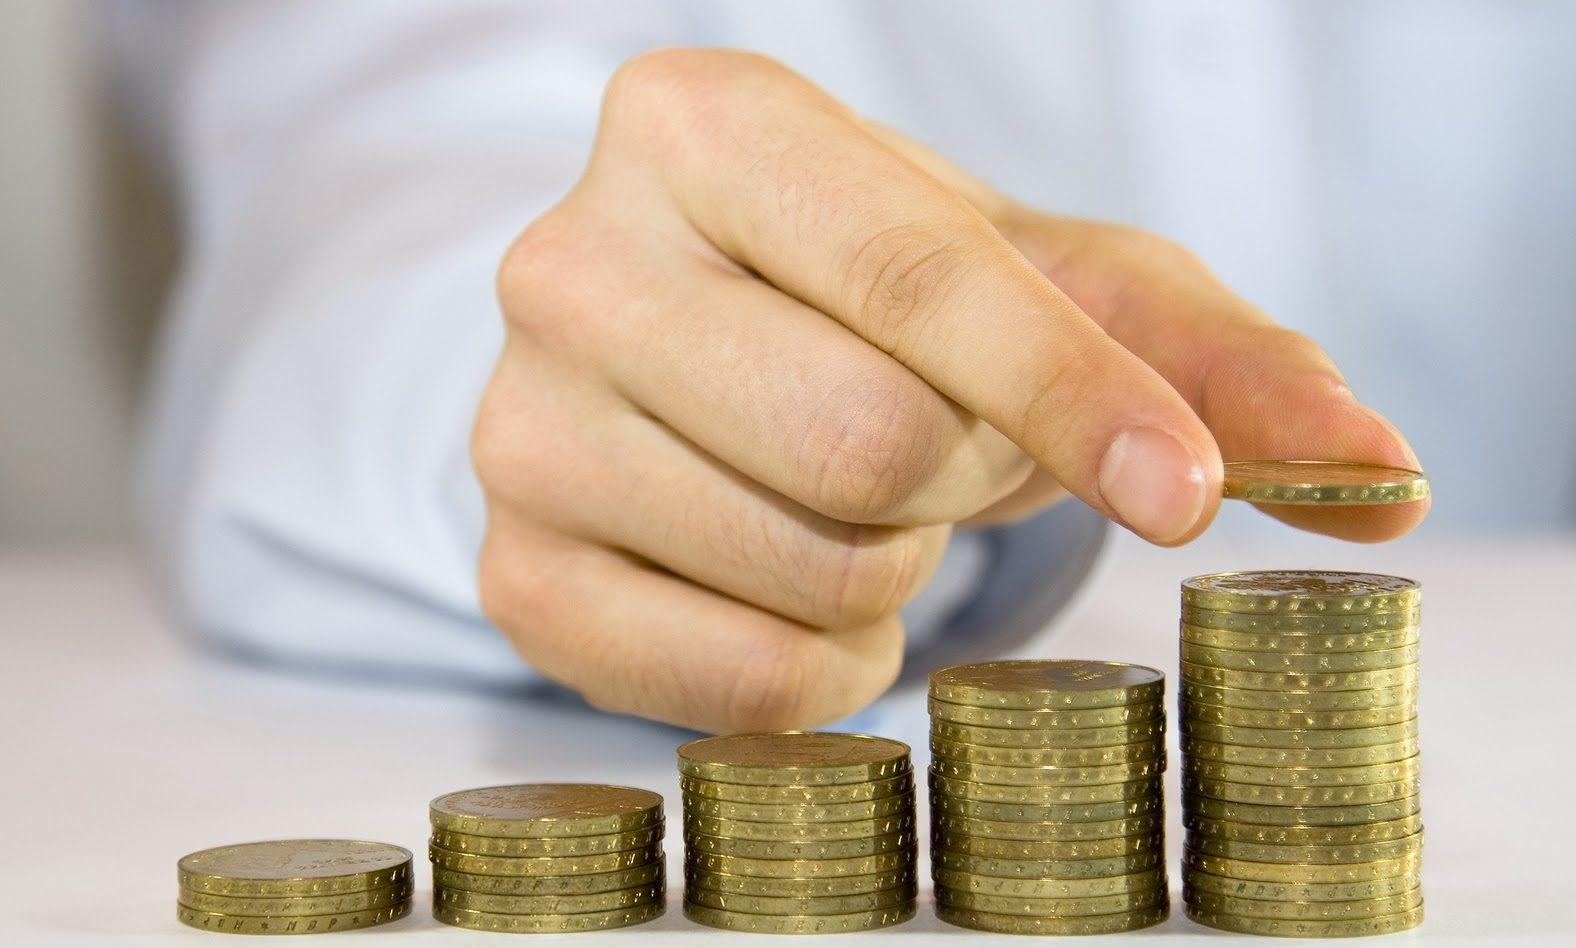 hogyan lehet nagy pénzt keresni a semmiből kiindulva